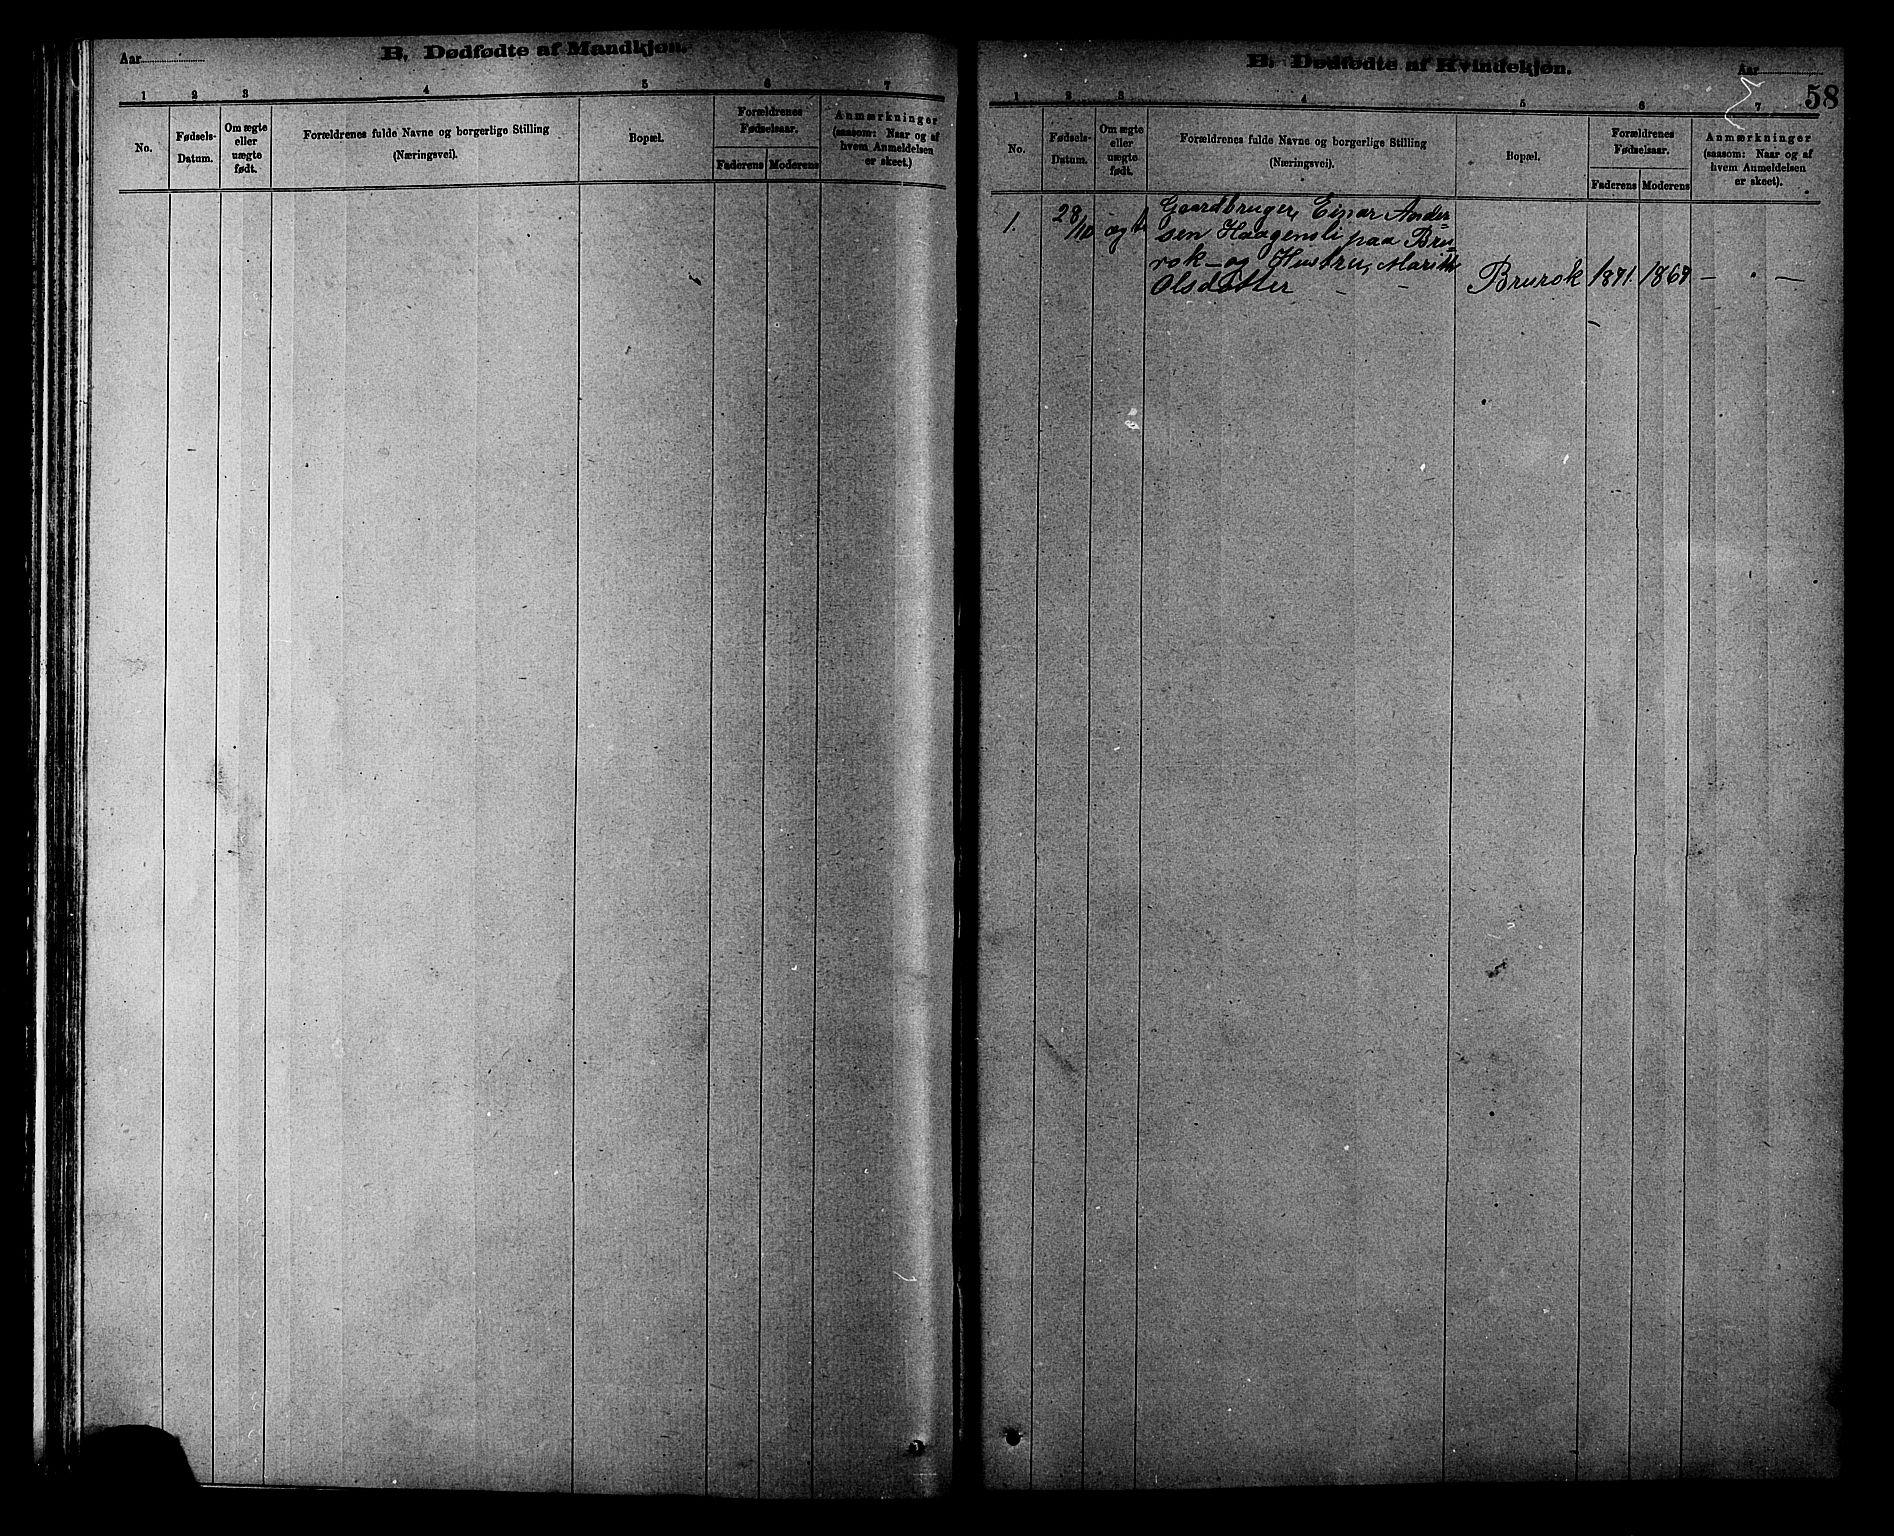 SAT, Ministerialprotokoller, klokkerbøker og fødselsregistre - Sør-Trøndelag, 608/L0341: Klokkerbok nr. 608C07, 1890-1912, s. 58